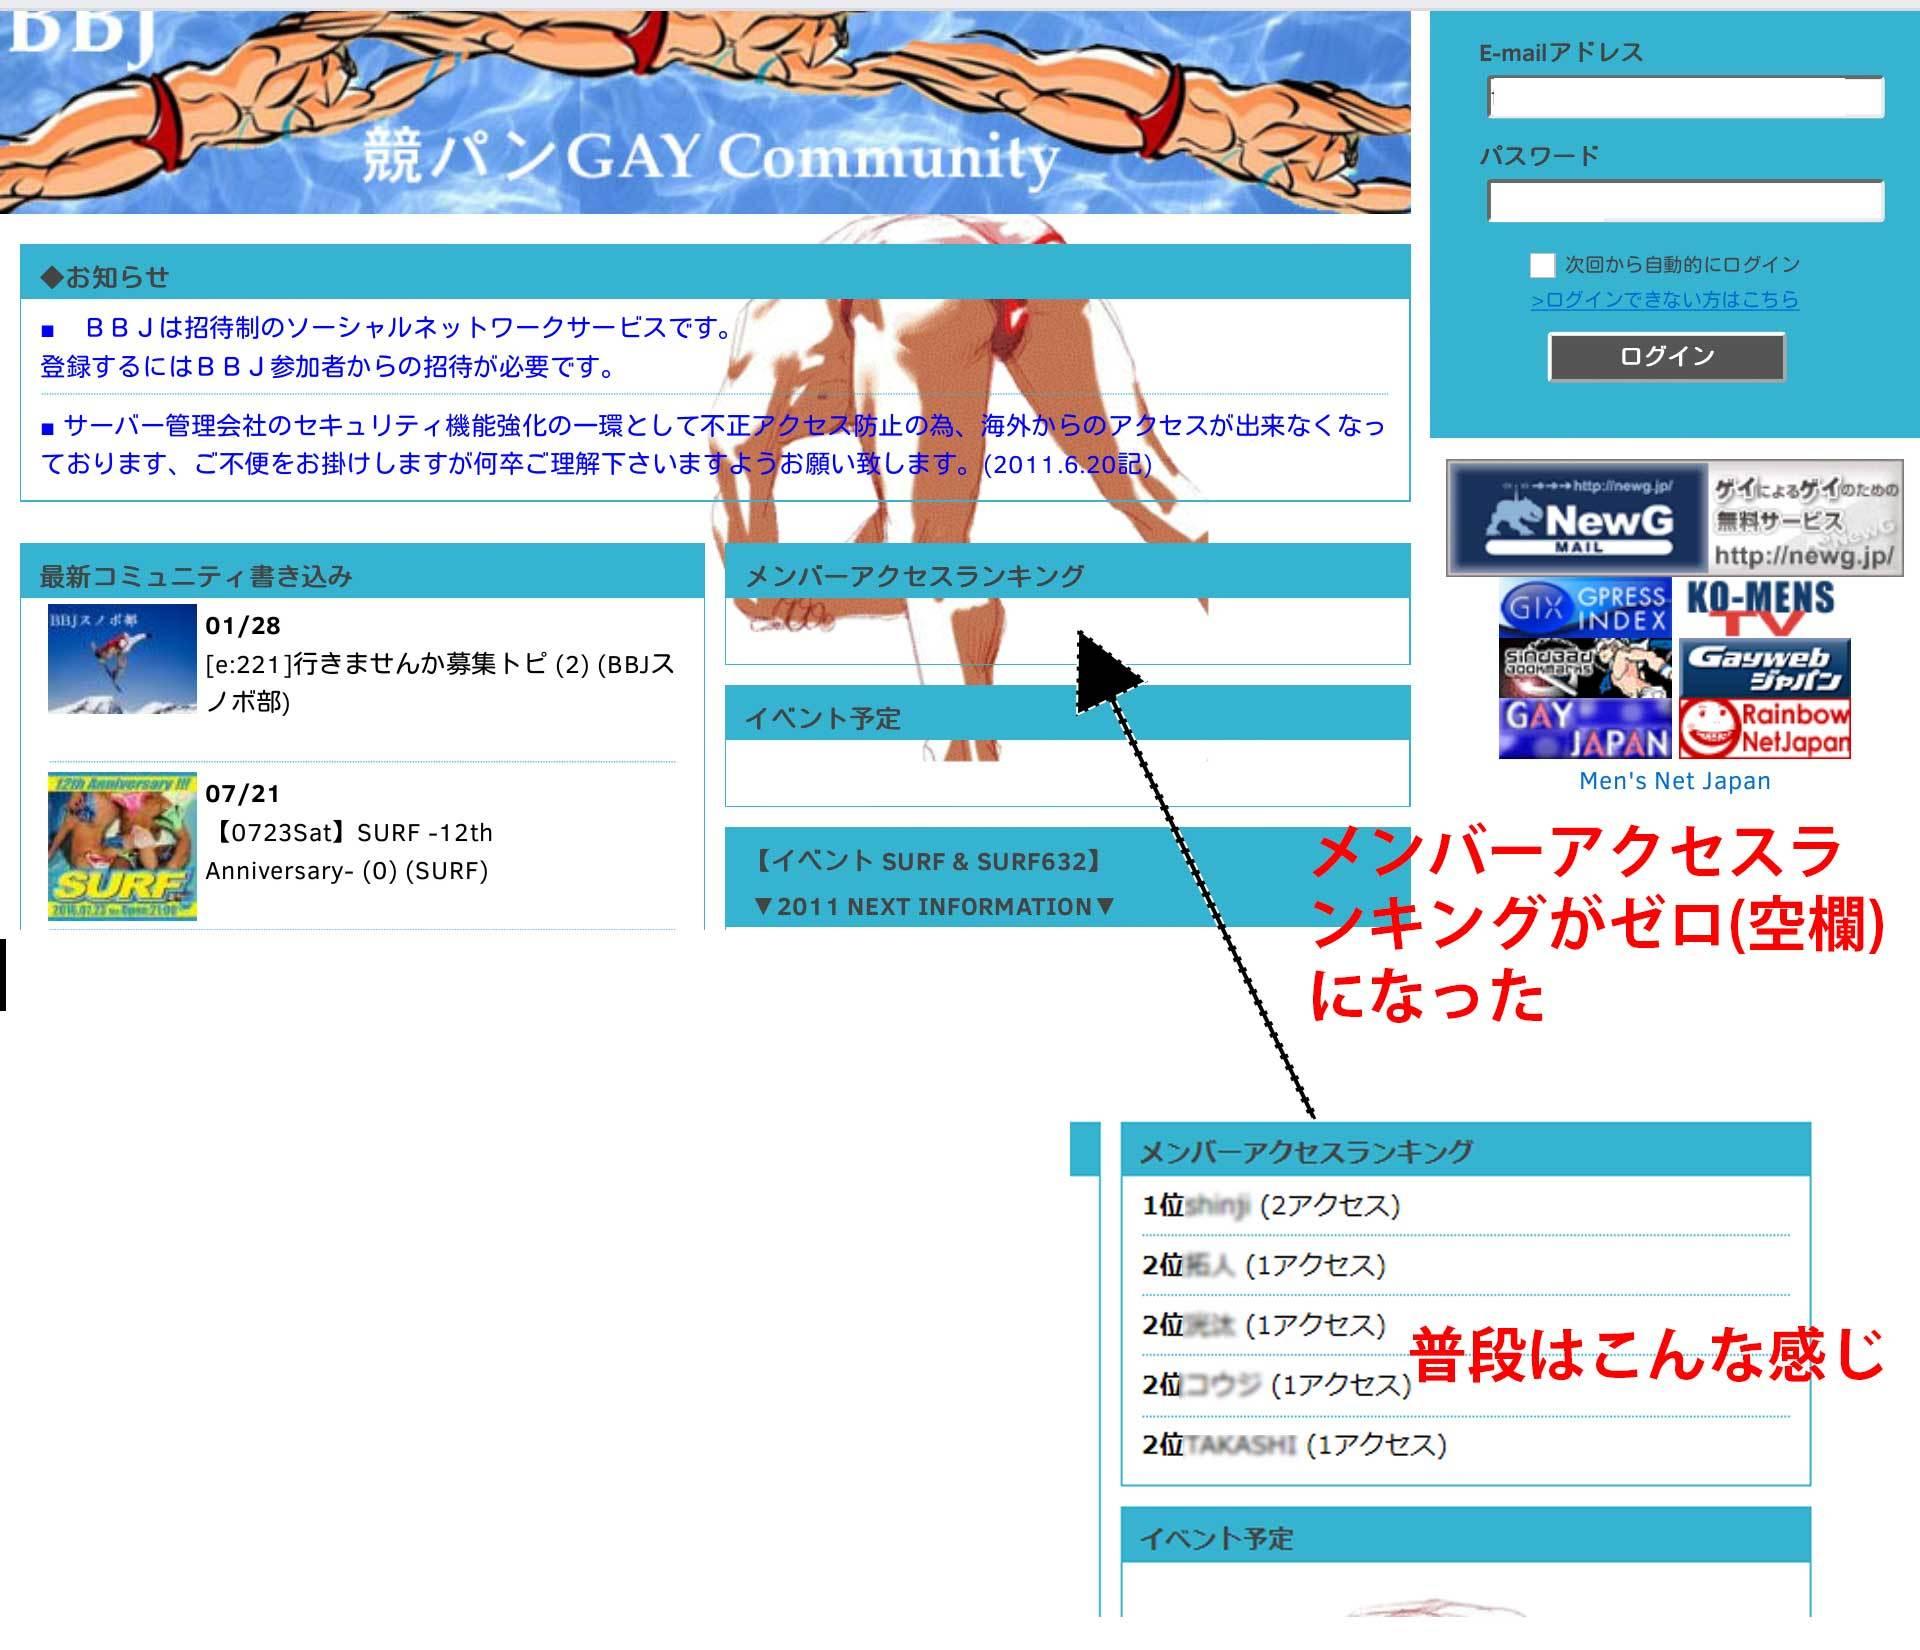 競パンコミュ BBJ ログイン画面